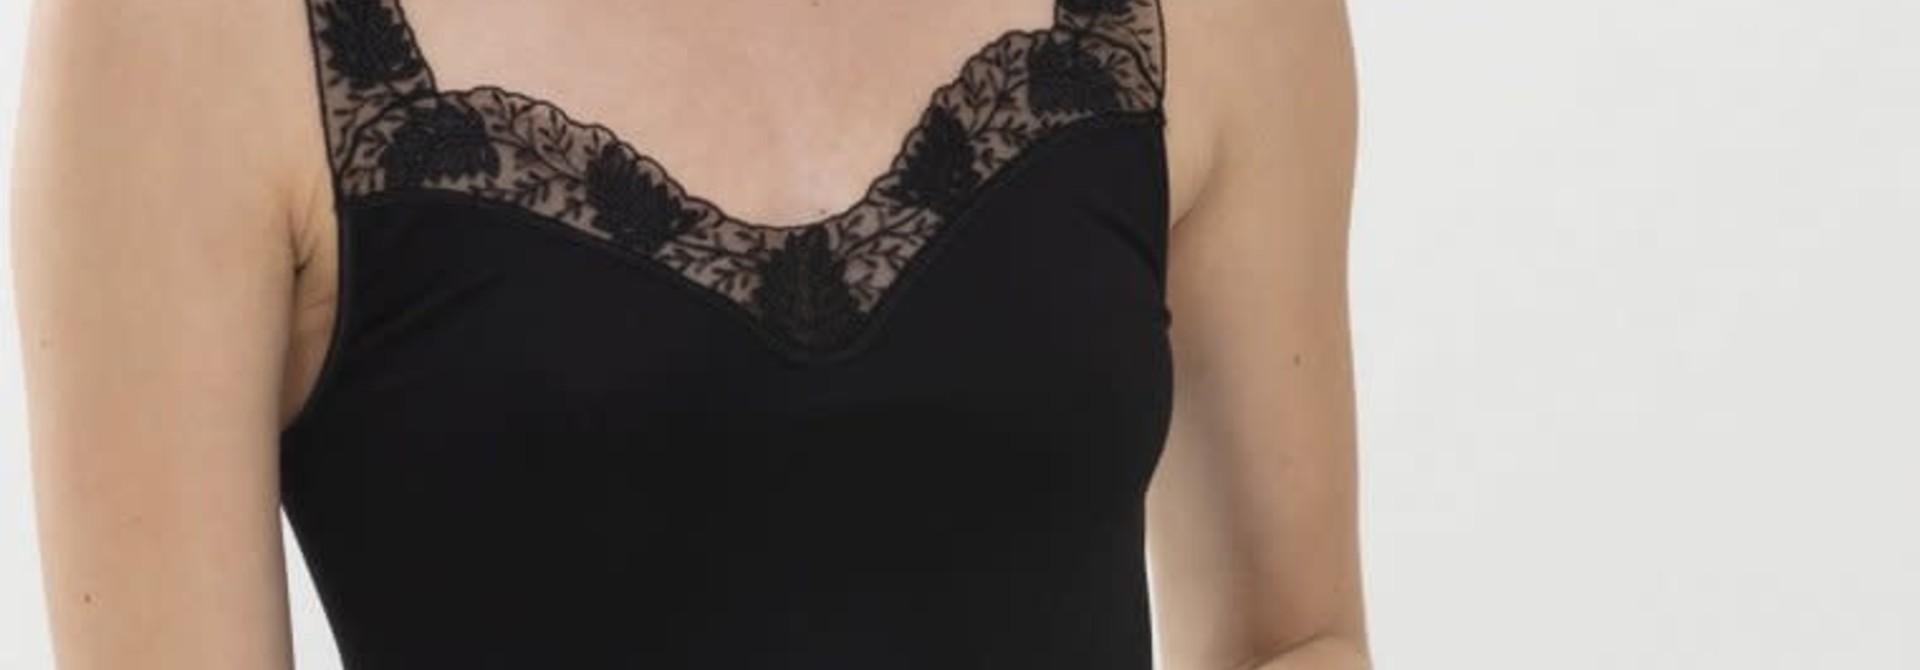 Hemd met kant Emotion Silhouette 55232 - zwart